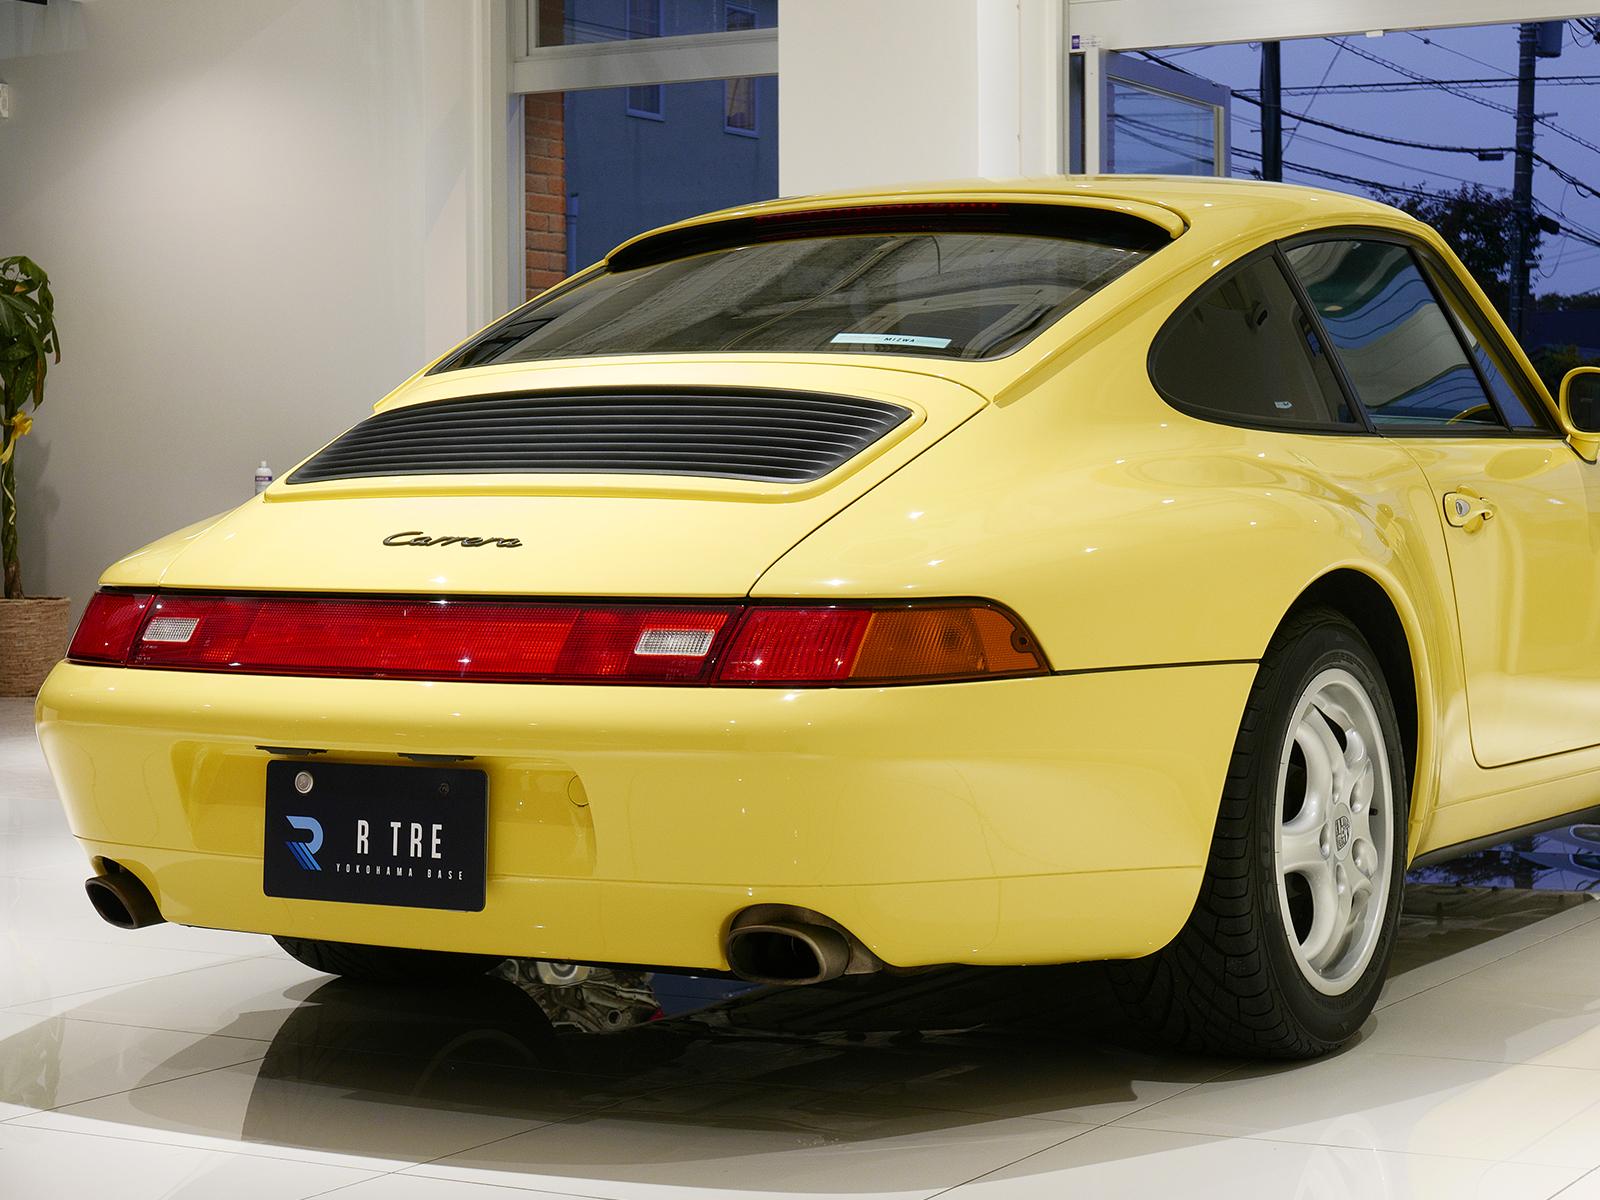 ポルシェ 911 タイプ993 カレラ タイプ Ⅰ 右リア